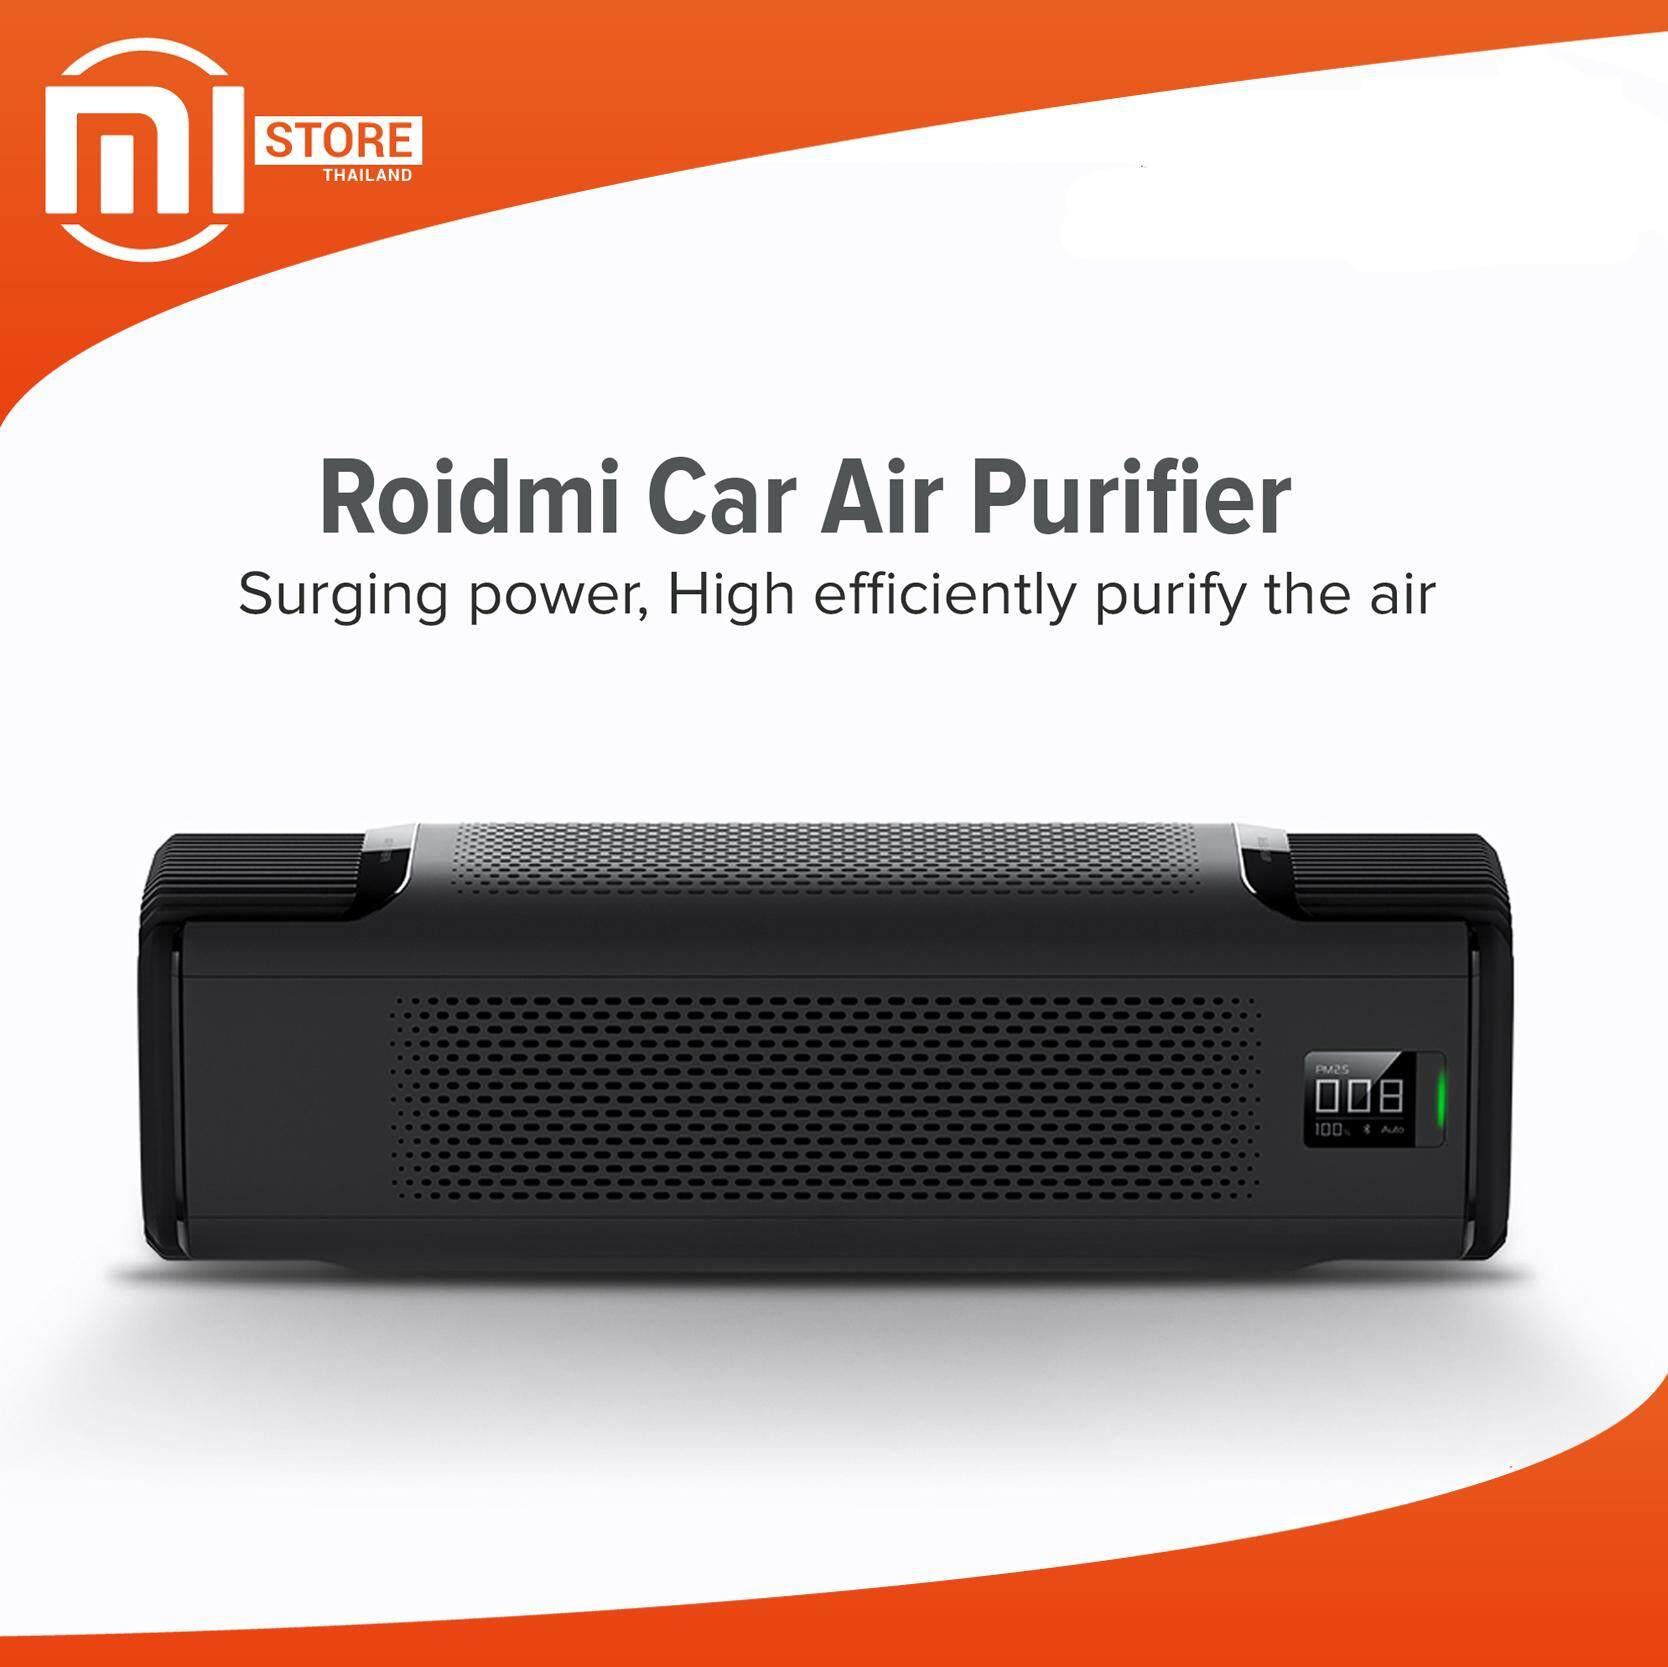 ยี่ห้อนี้ดีไหม  กระบี่ Mi Store - Xiaomi ROIDMI 12V Car Air Purifier bluetooth V4.1 OLED Screen ของแท้ 100% รับประกันจากร้านค้า 1ปี